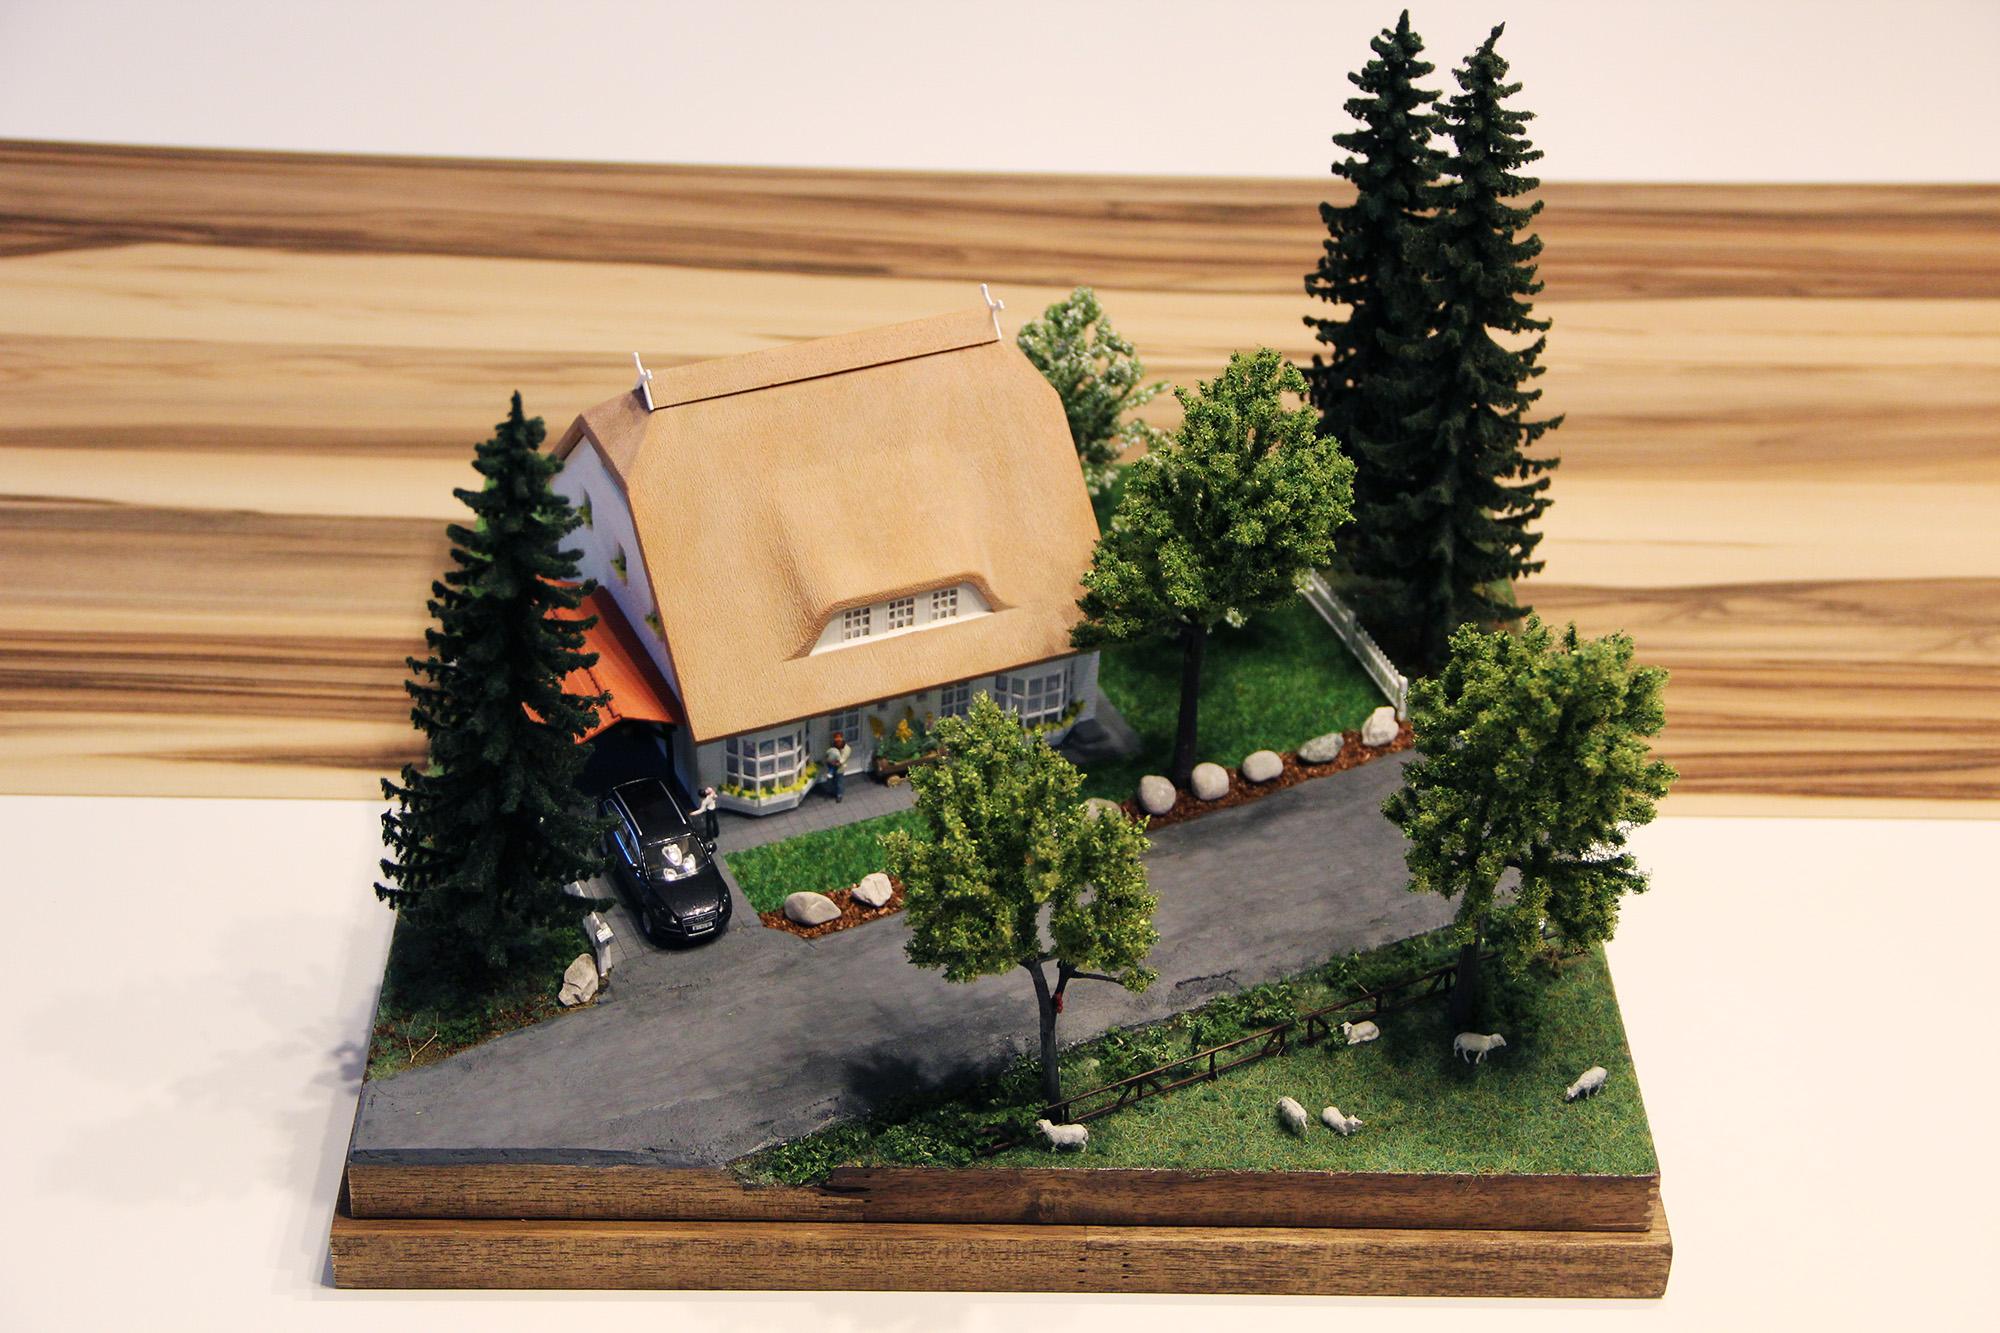 modellinghour.com - special model - 02-01